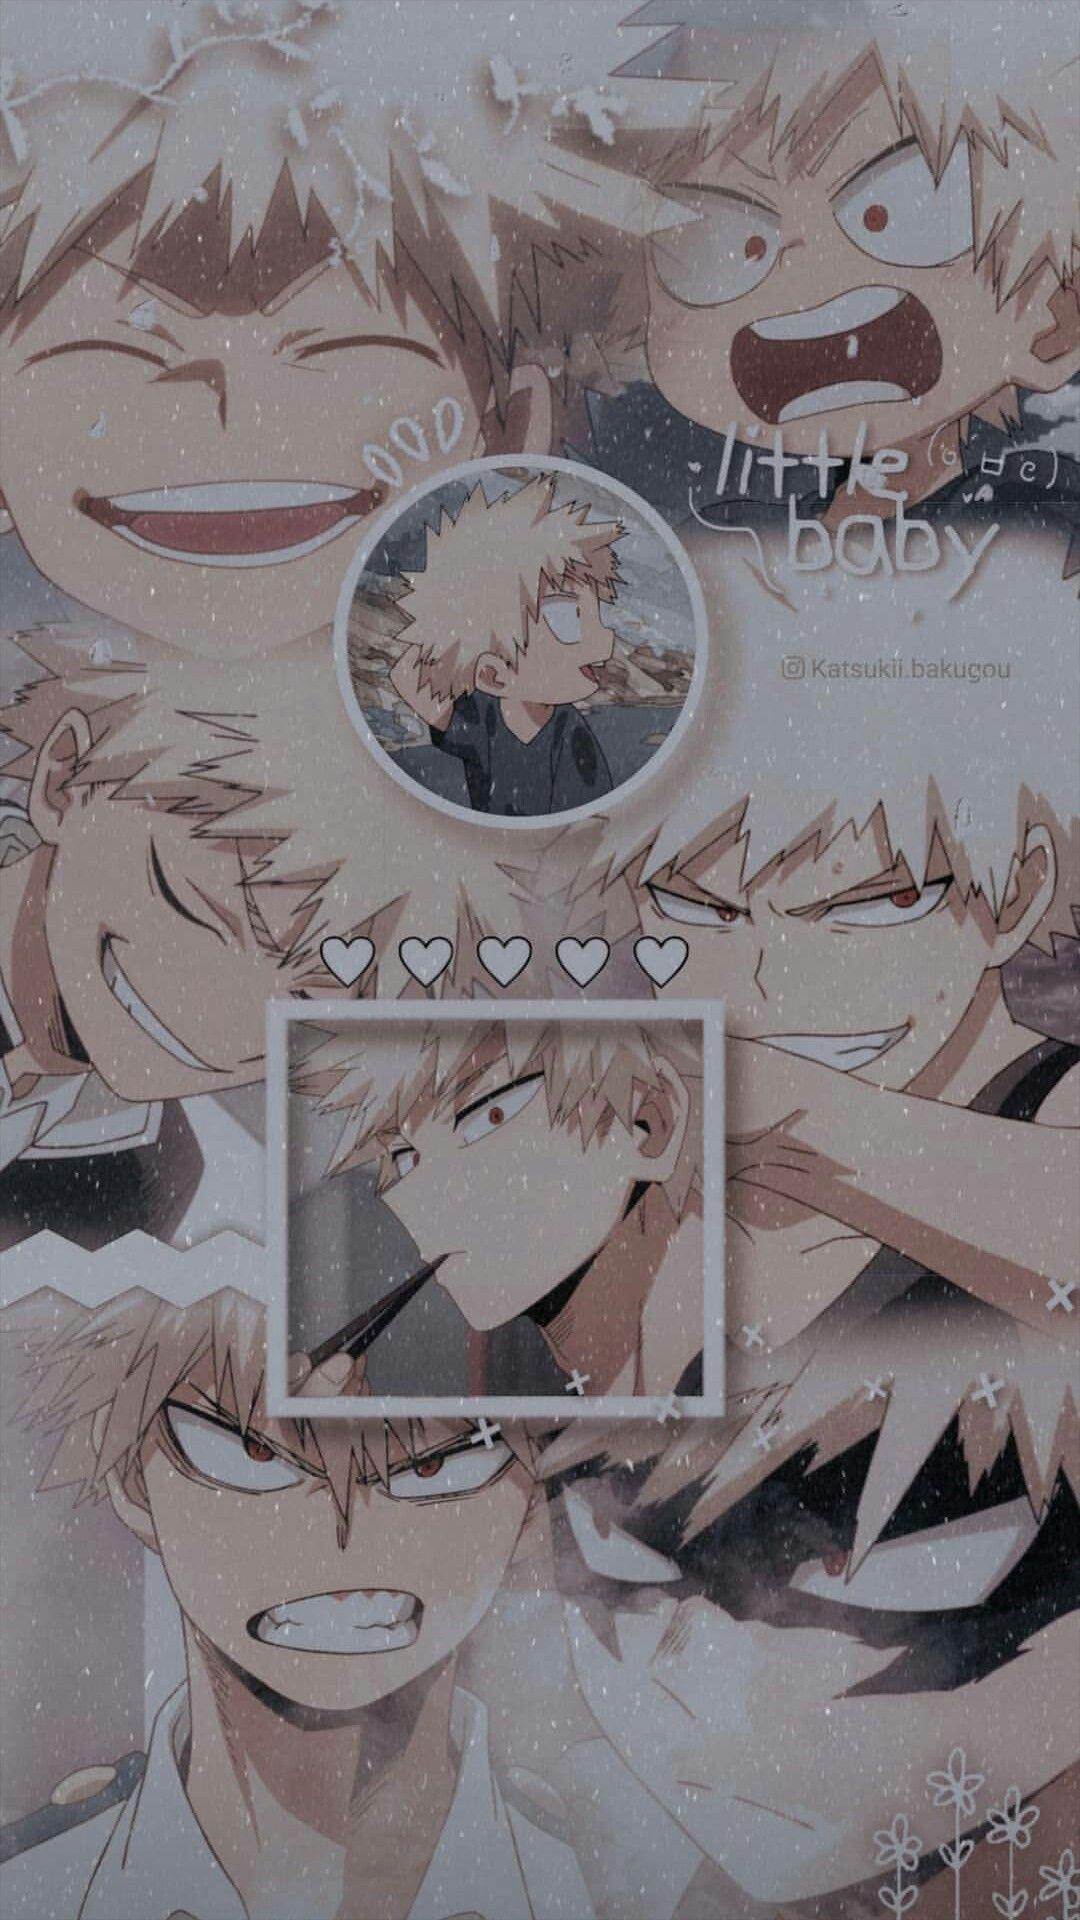 Mha Wallpaper Bakugou Mha Wallpaper In 2020 Hero Wallpaper Cute Anime Wallpaper Anime Wallpaper Iphone